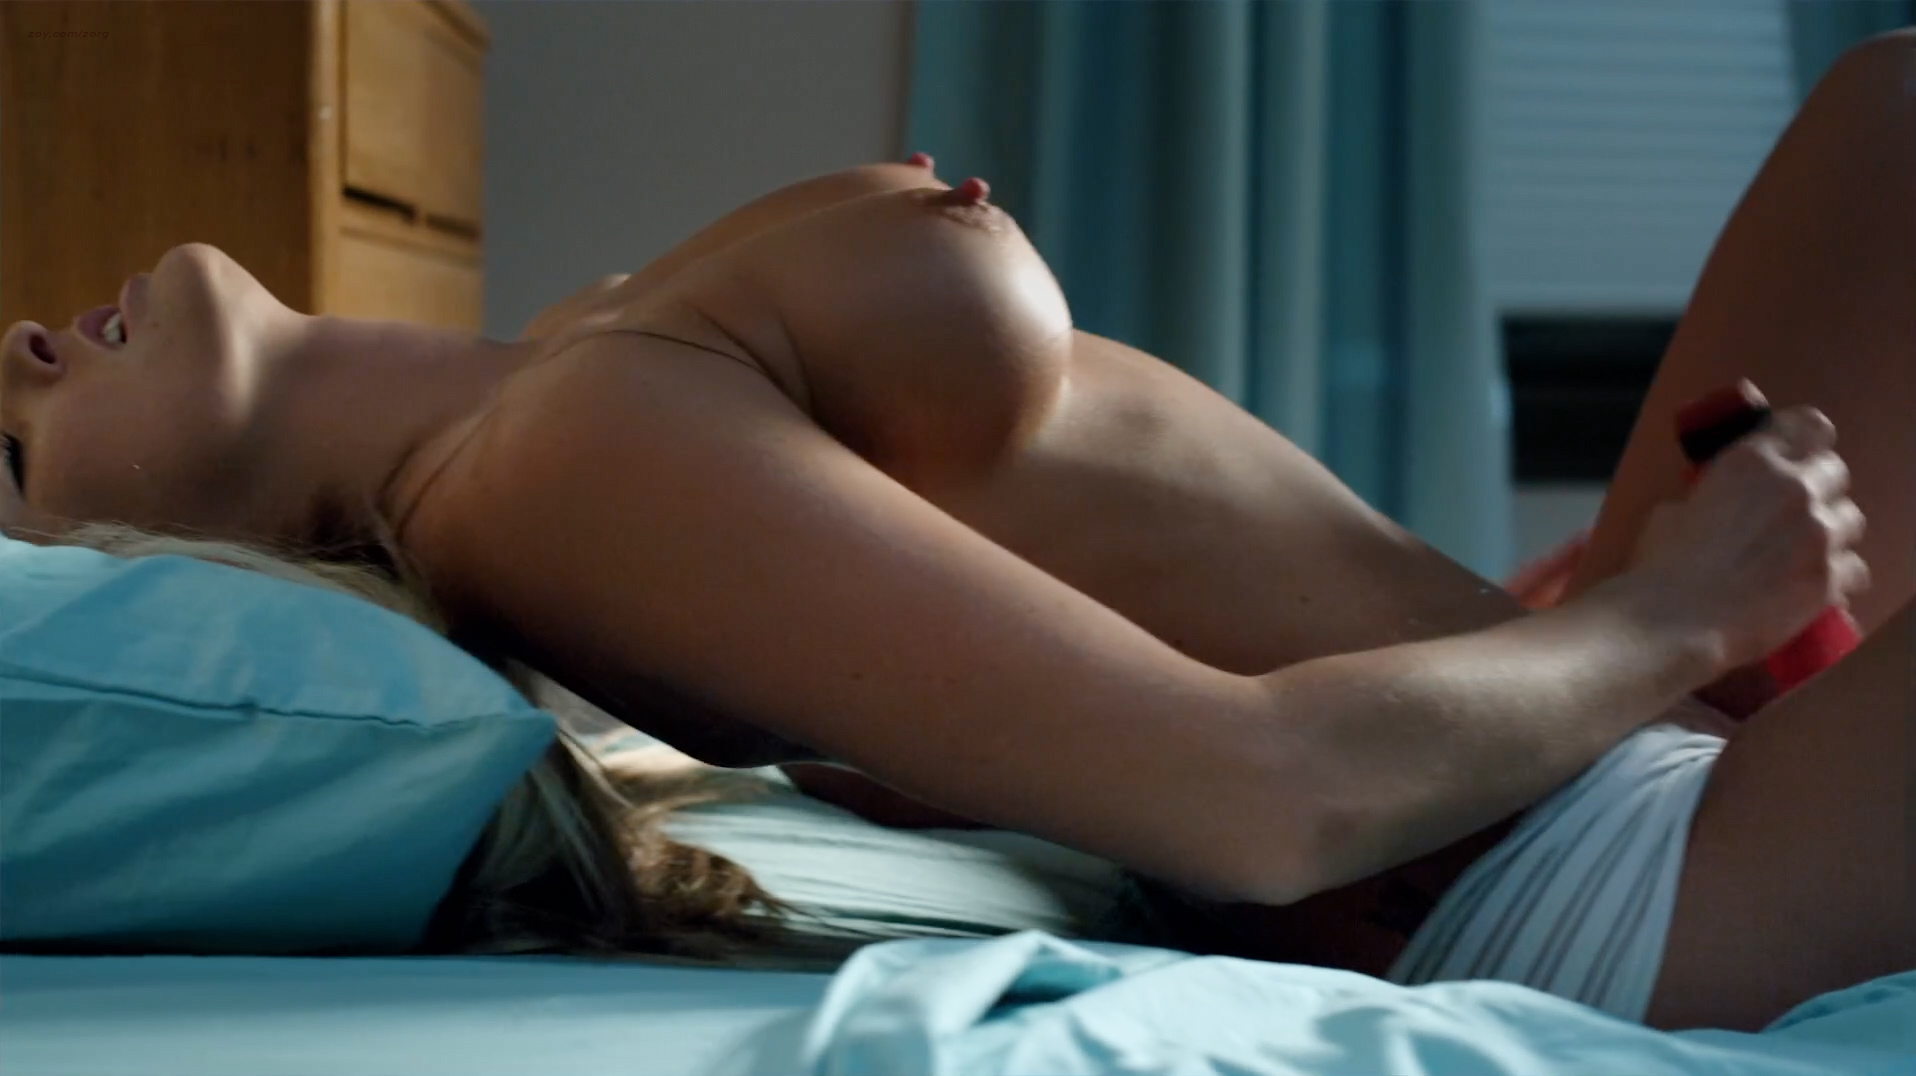 Older women nude lying flat